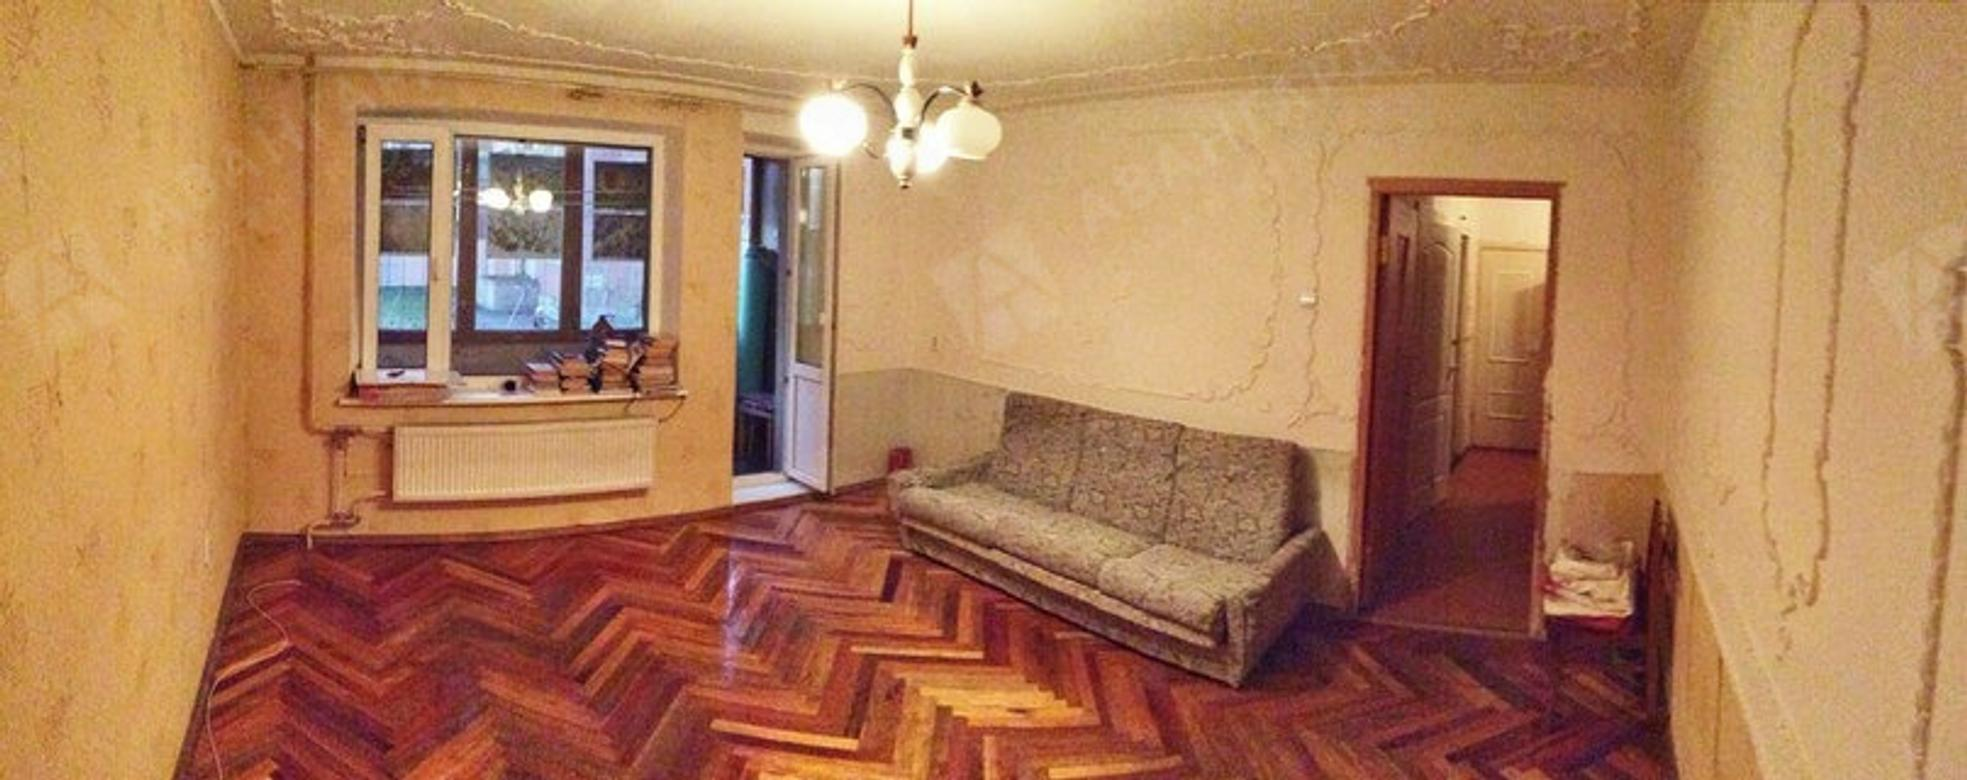 2-комнатная квартира, Авиаконструкторов пр-кт, 37к1 - фото 1